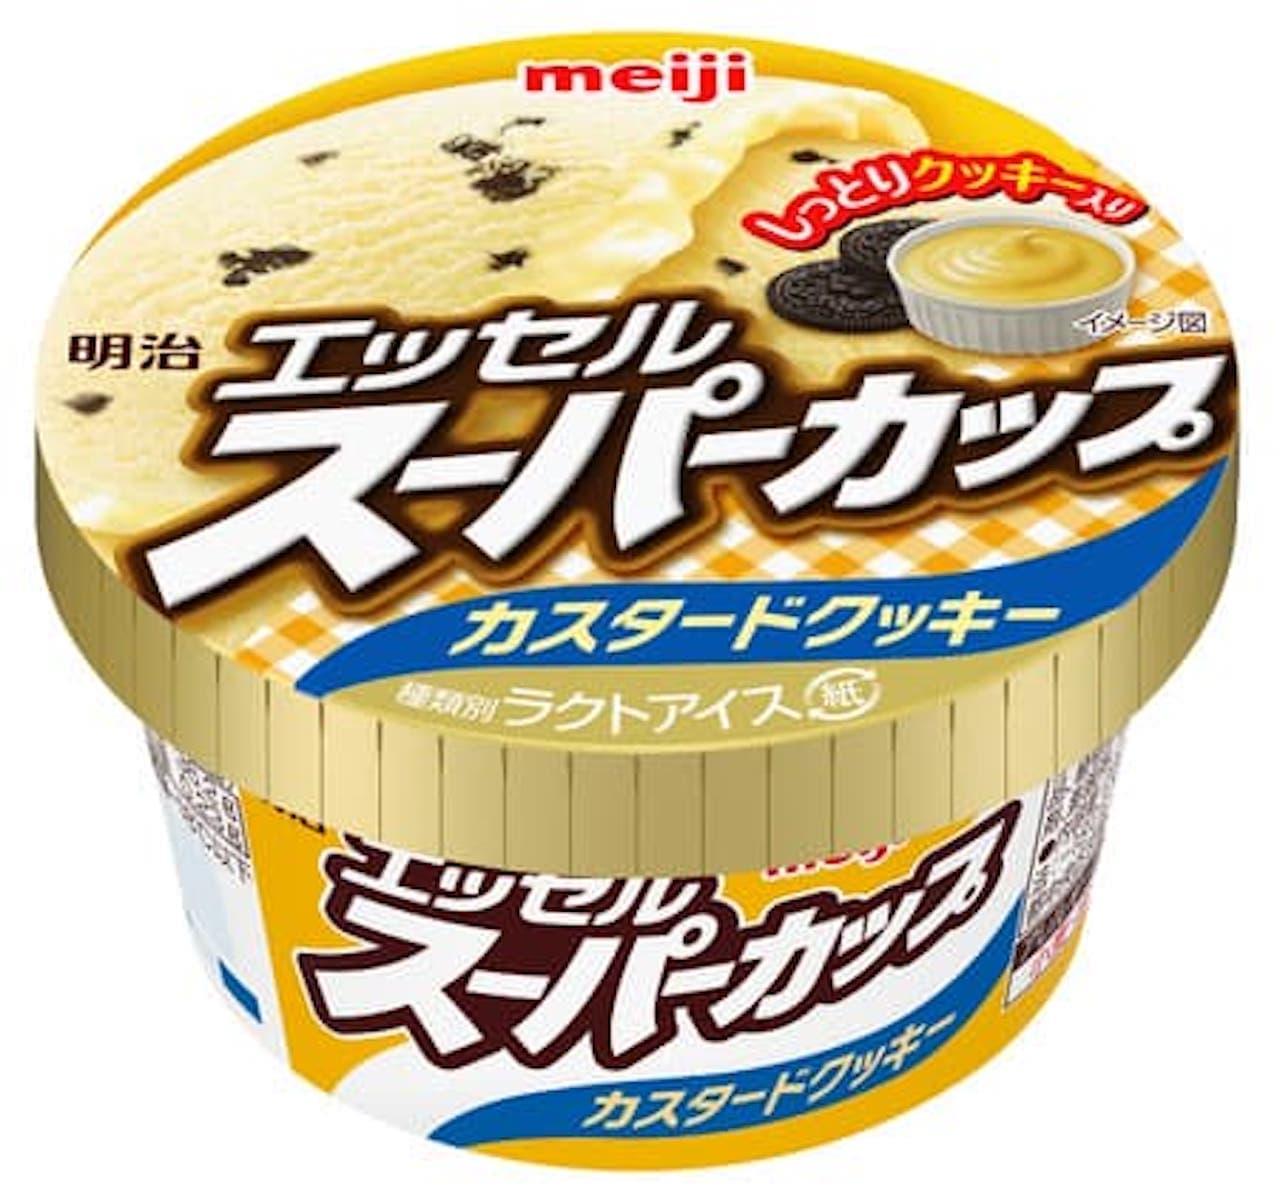 新商品「明治 エッセルスーパーカップ カスタードクッキー」